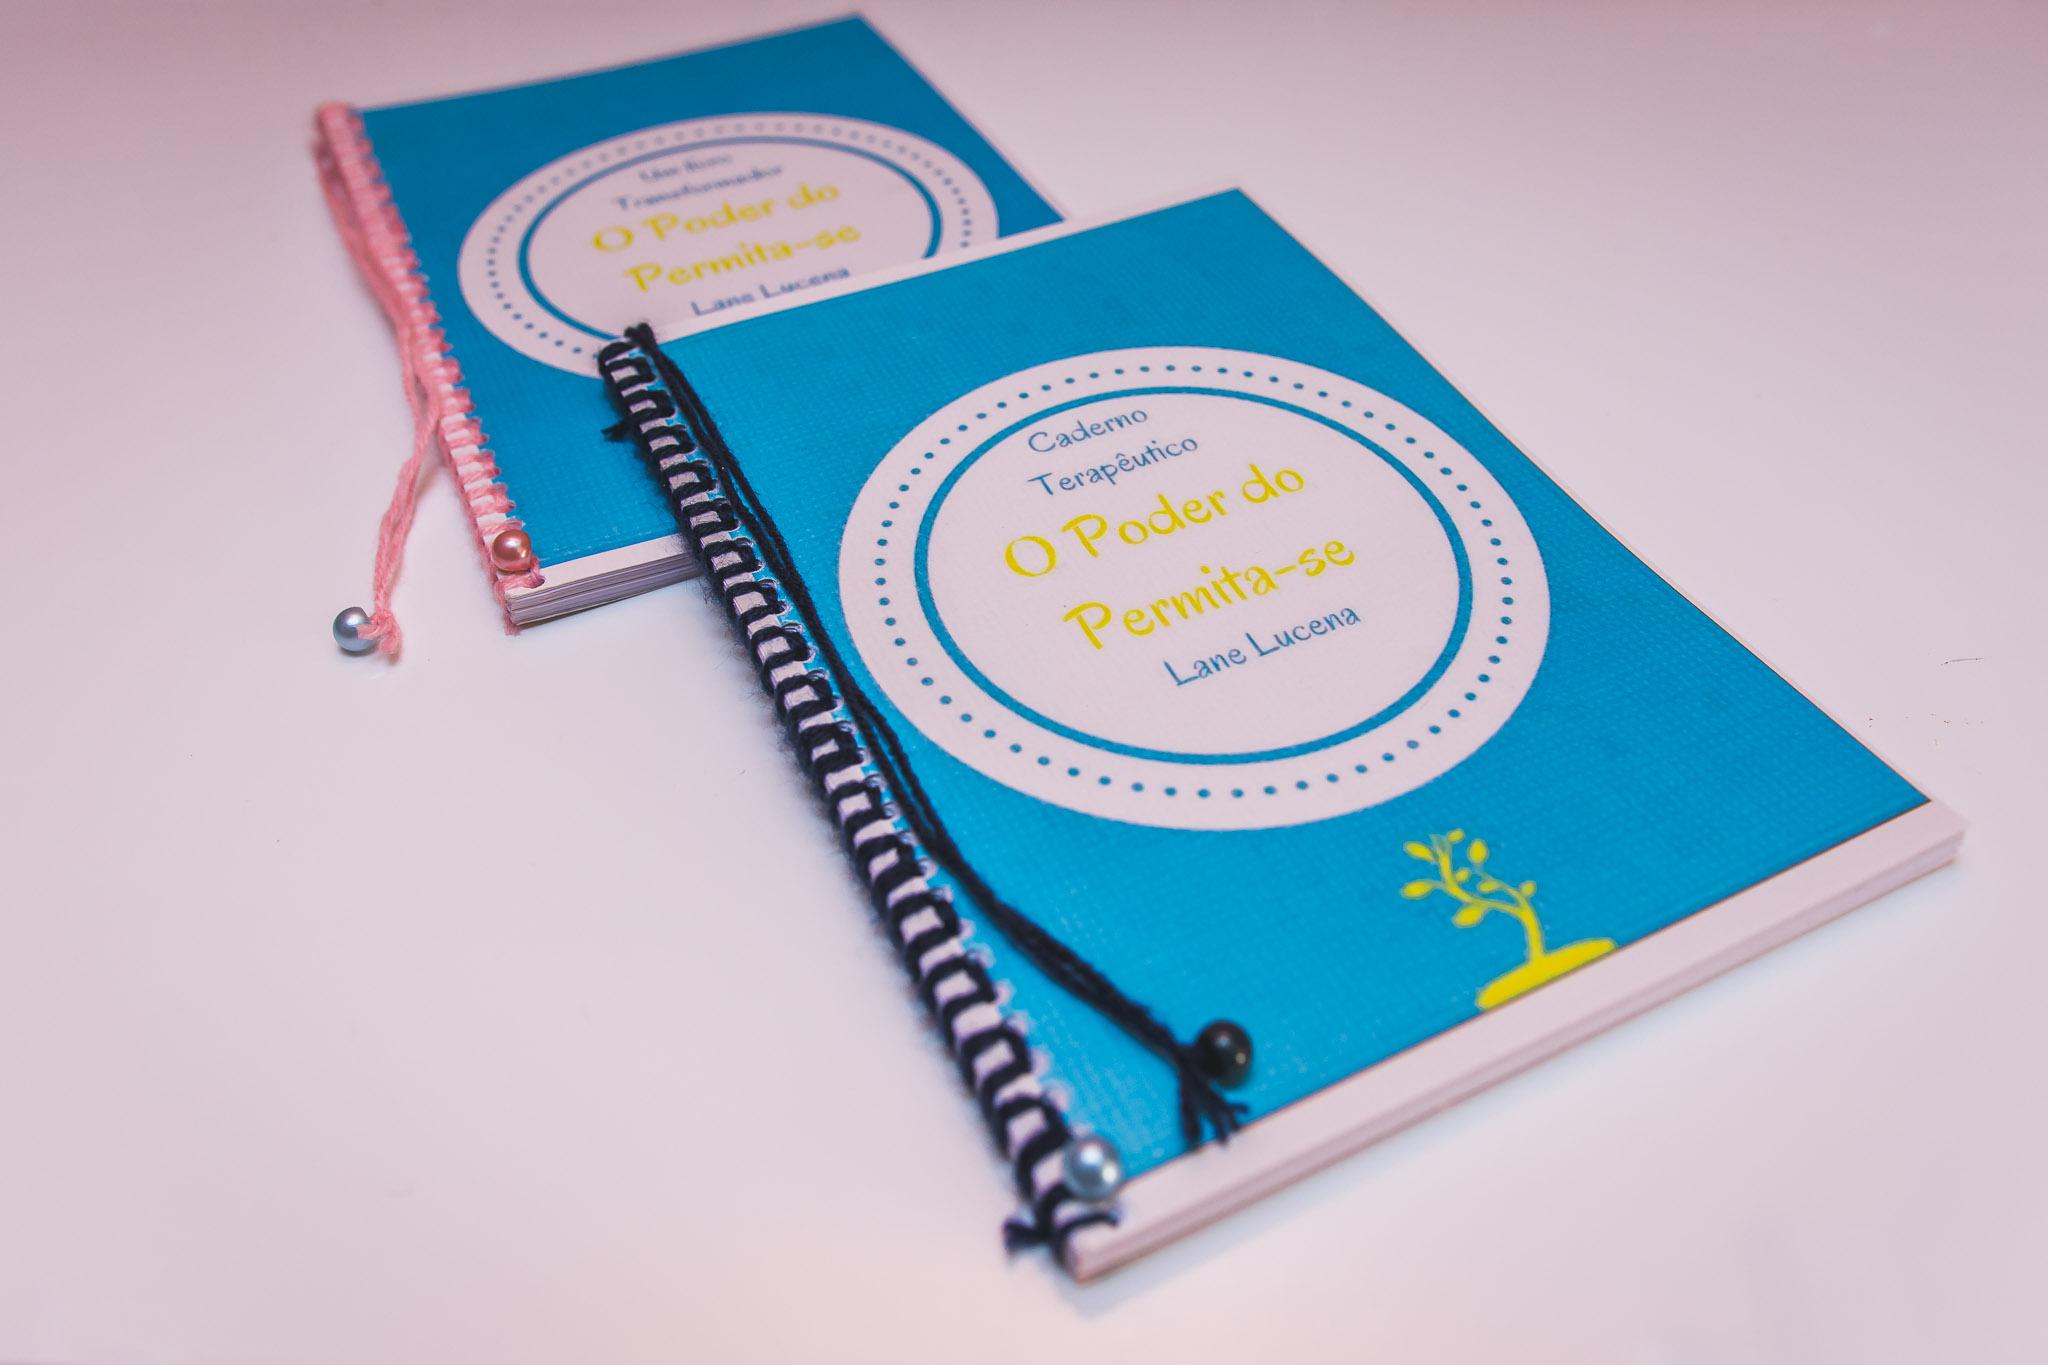 Livro + Caderno Poder do Permita-se